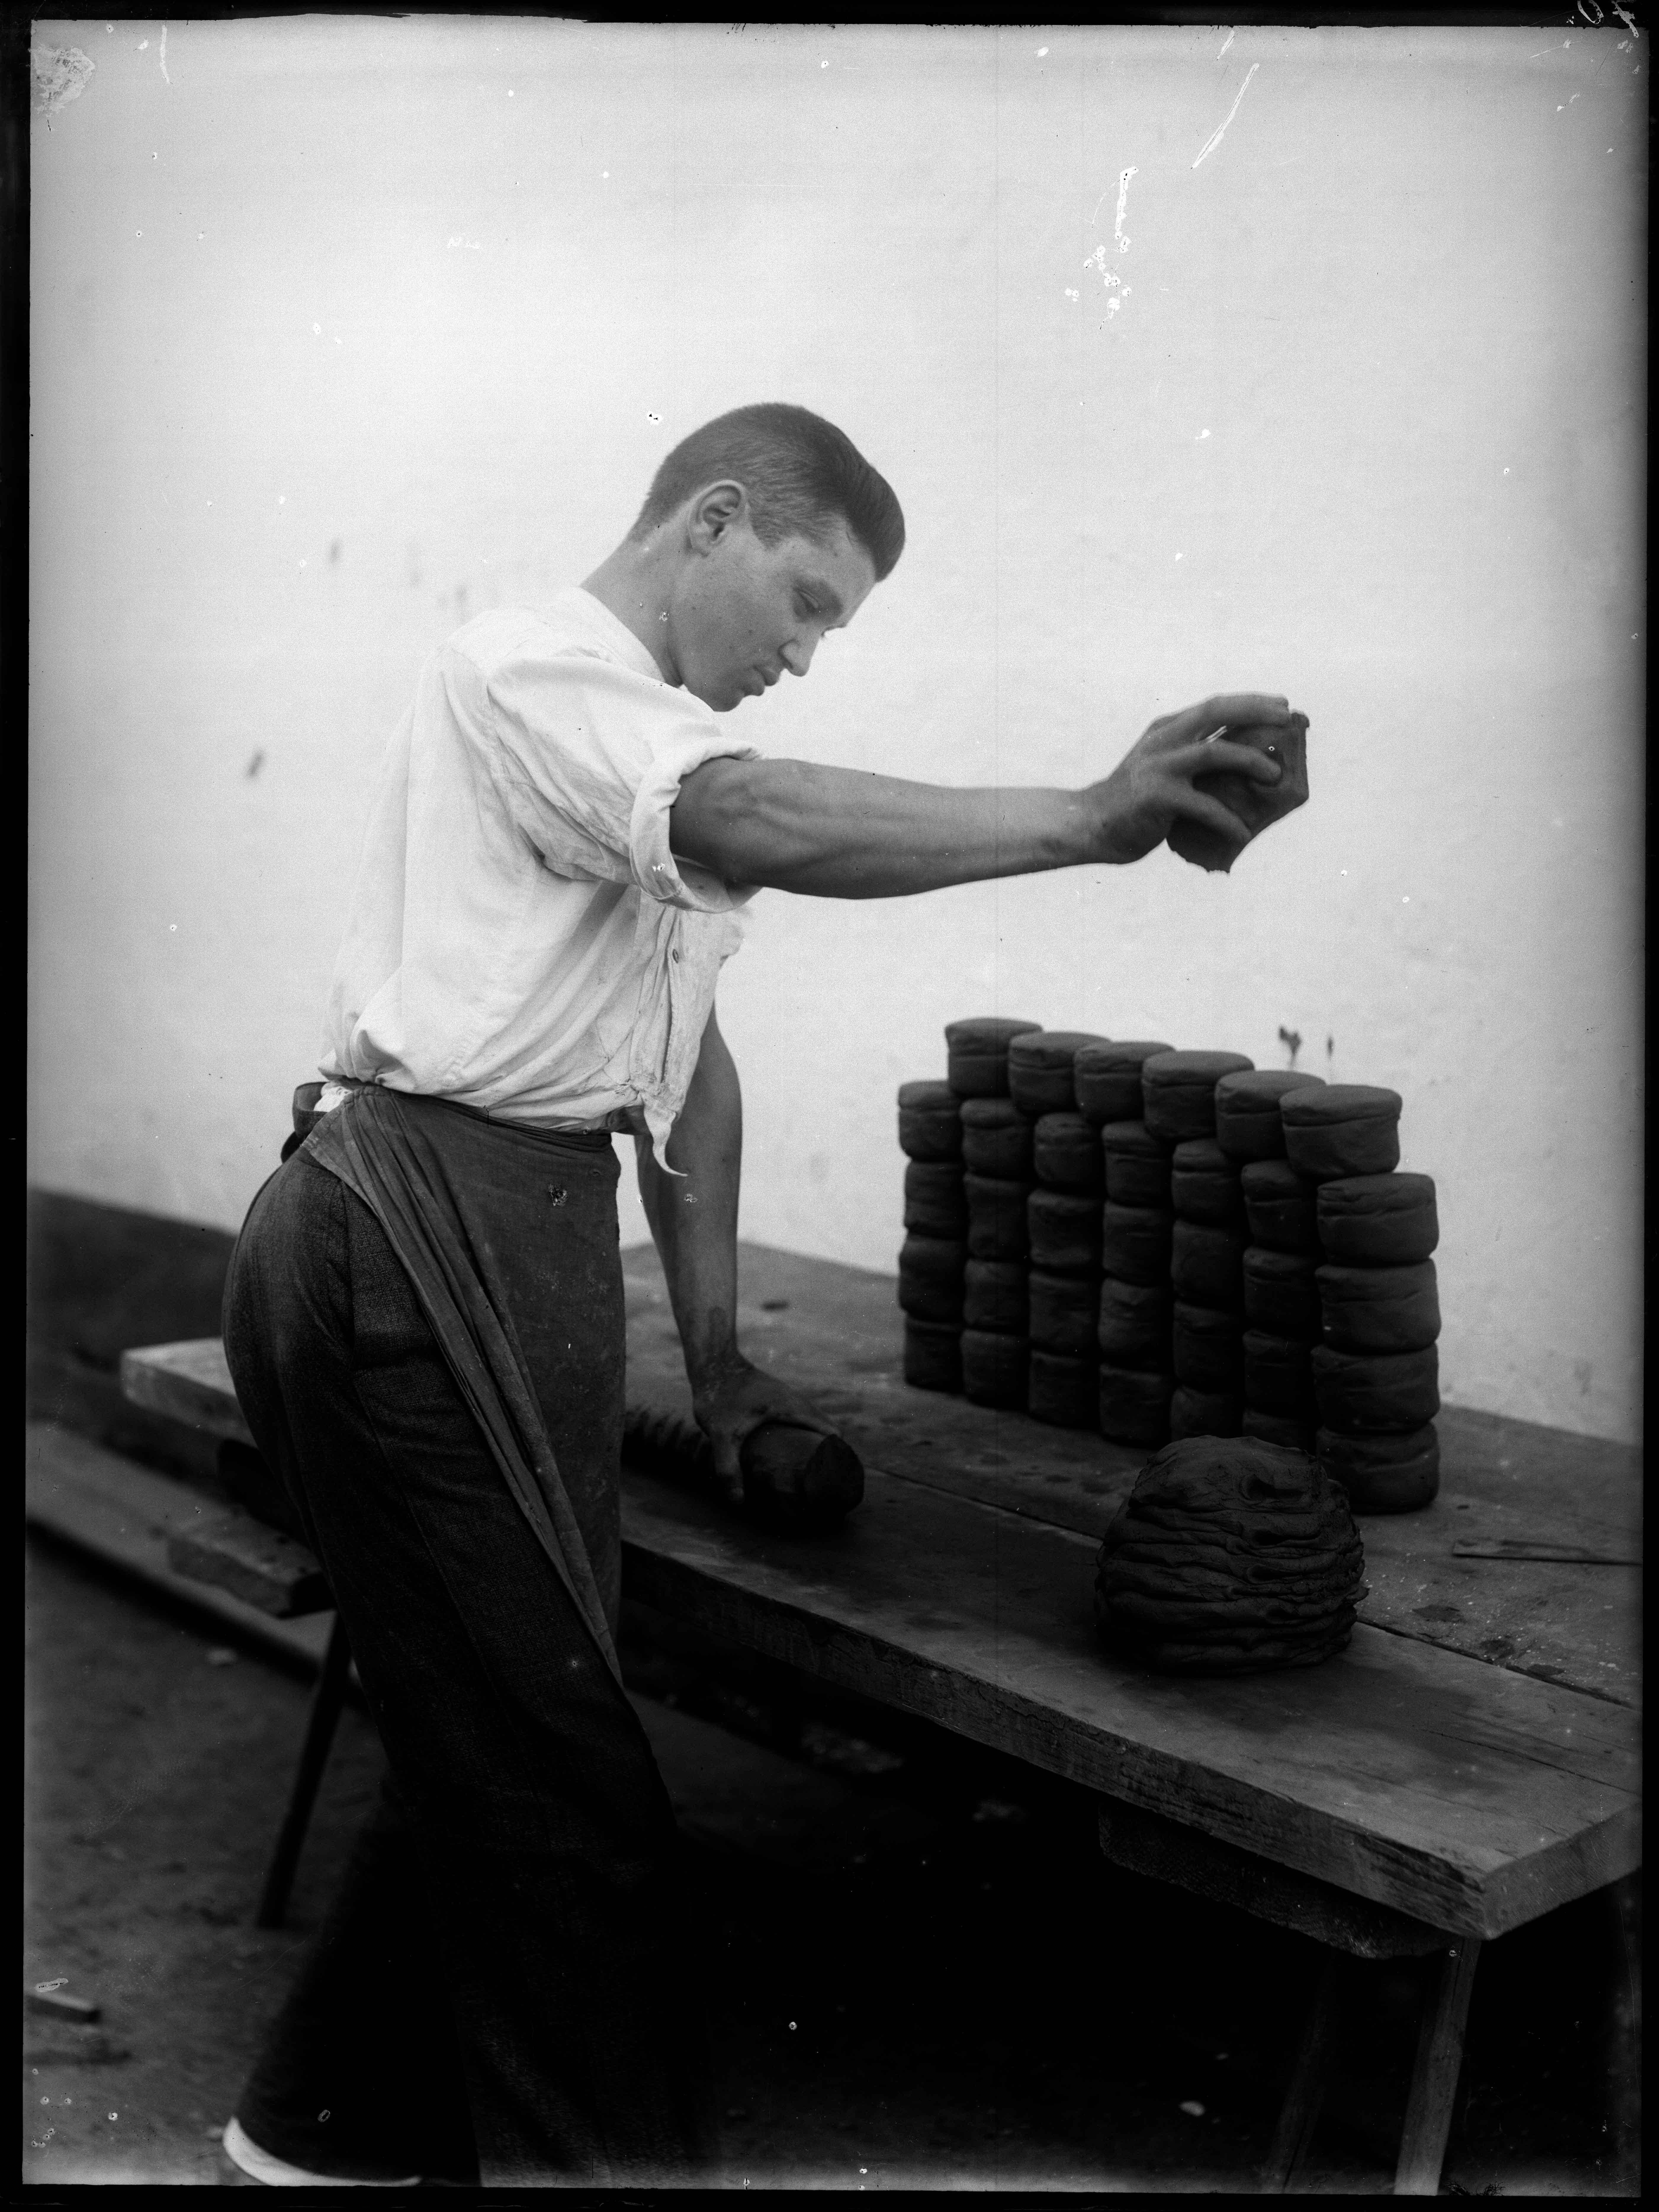 Fotó: Plohn József: Agyag előkészítése a gyúrópadon. Rögszaggatás. © Tornyai János Múzeum gyűjteménye, Hódmezővásárhely